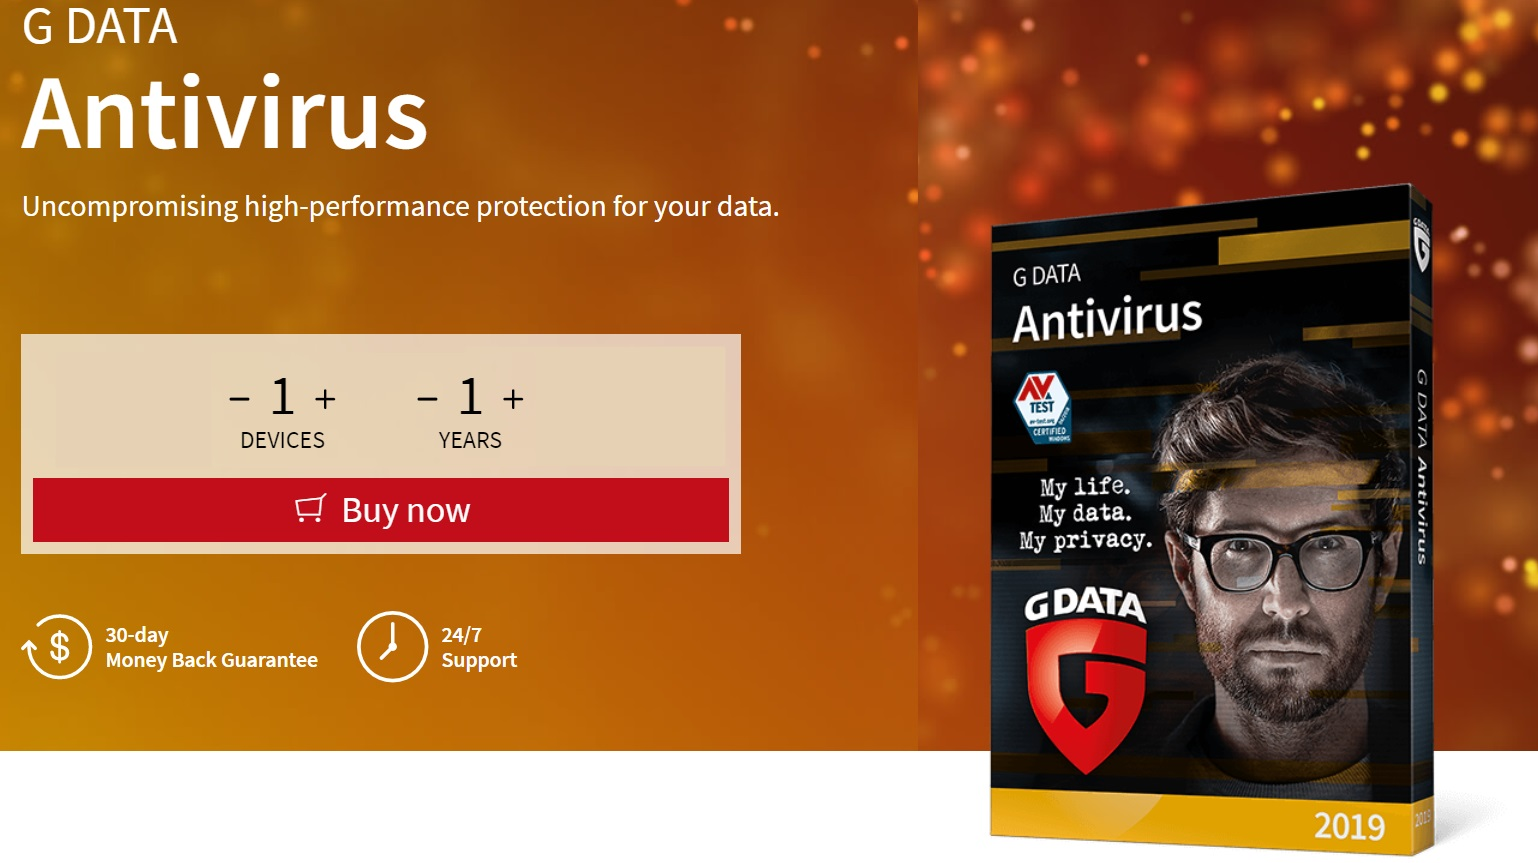 G Data Antivirus review